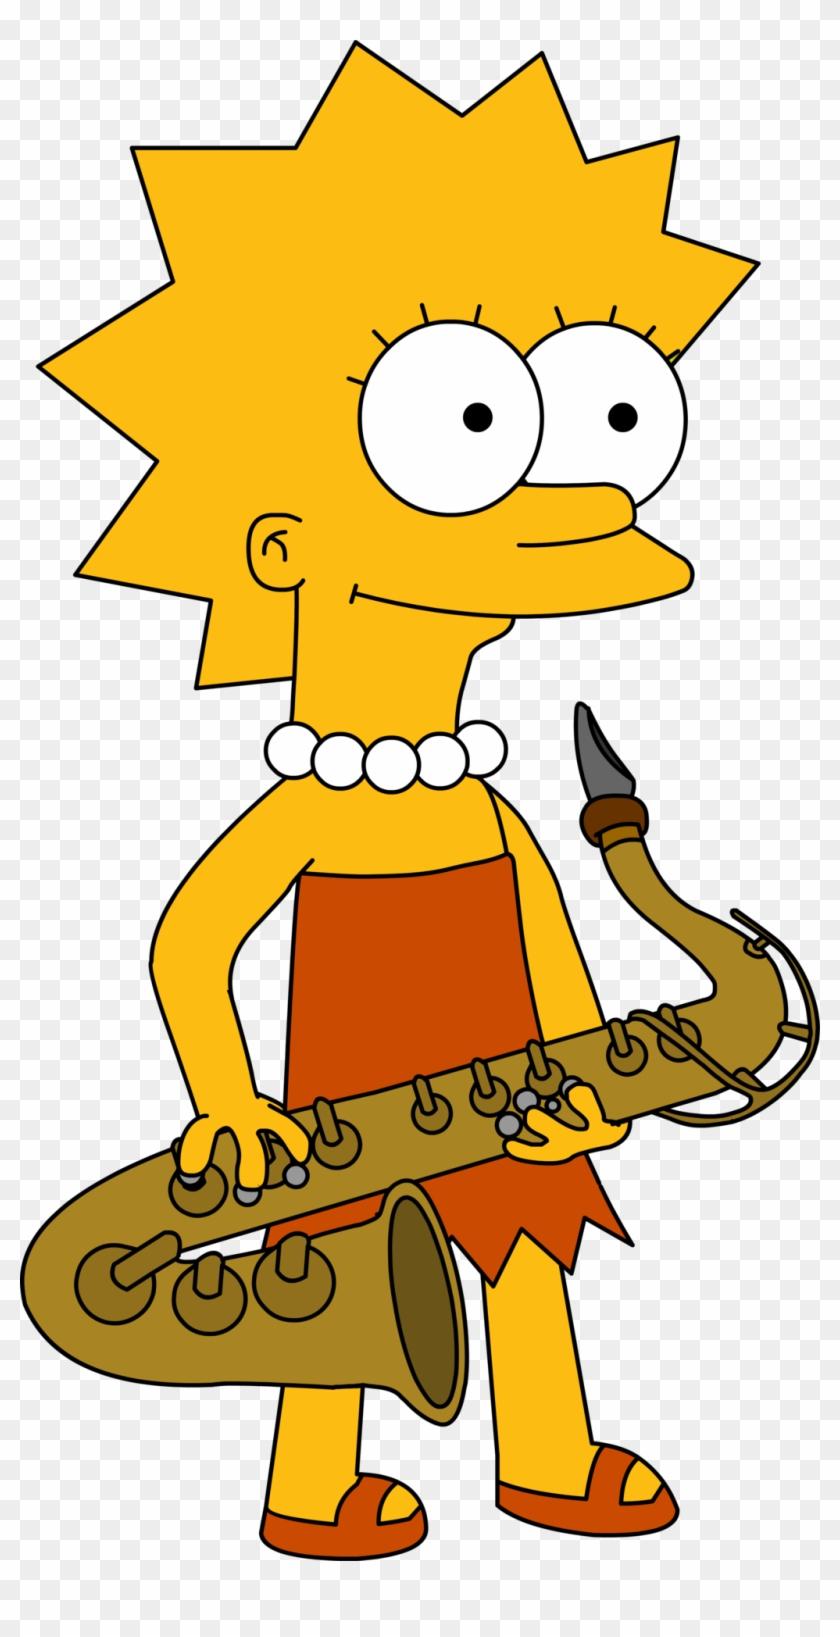 The 13 Megapixel Lisa Simpson By Rayfan9876 - Lisa Simpson En Vector #818609